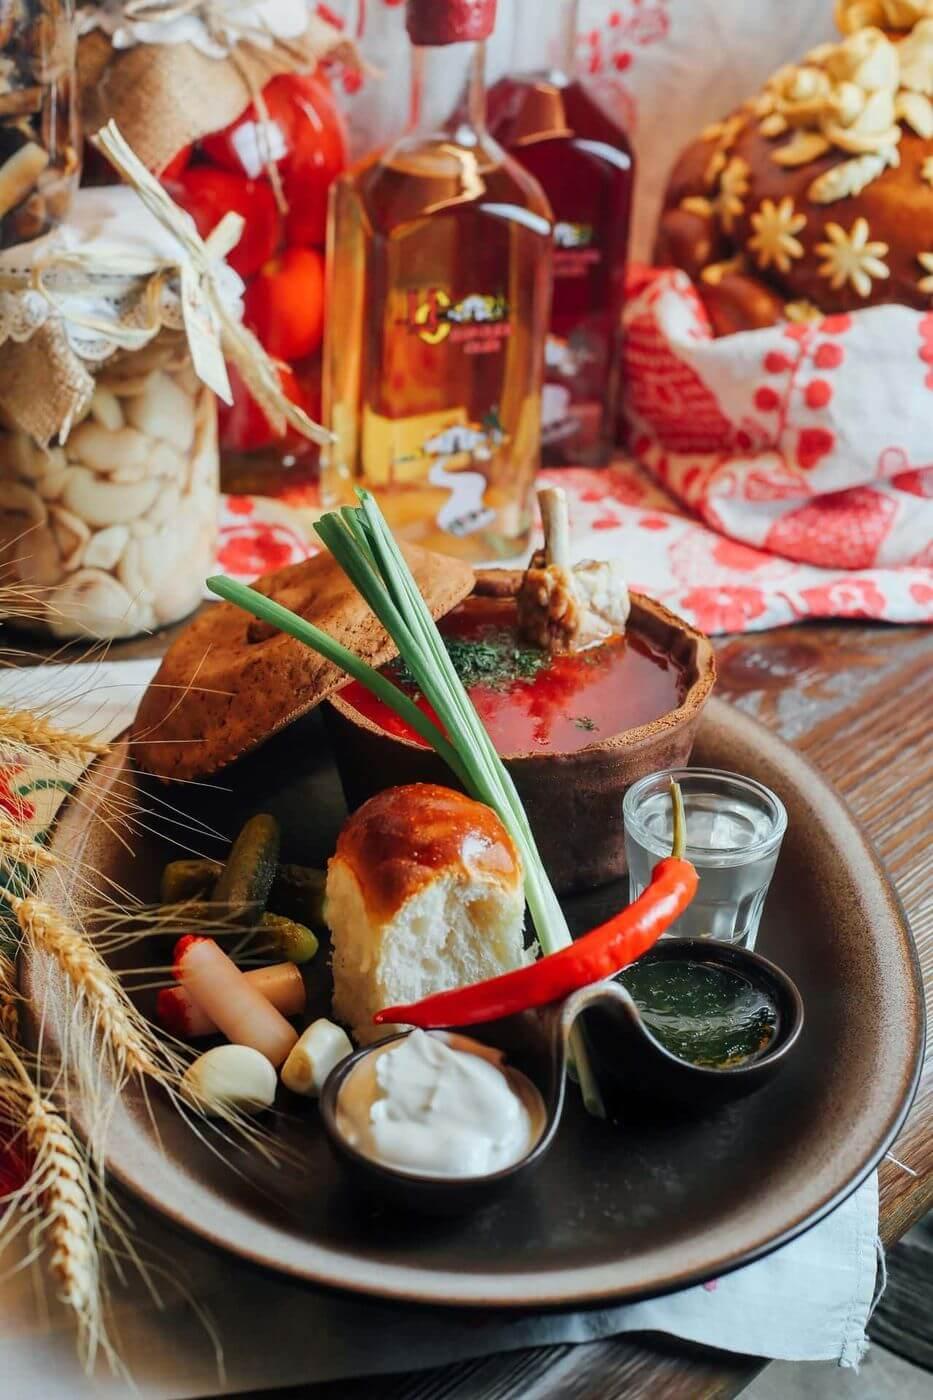 Завдяки високим смаковим якостям і різноманітності страв, українська кухня сьогодні по праву вважається однією з багатих і цікавих у всьому світі.